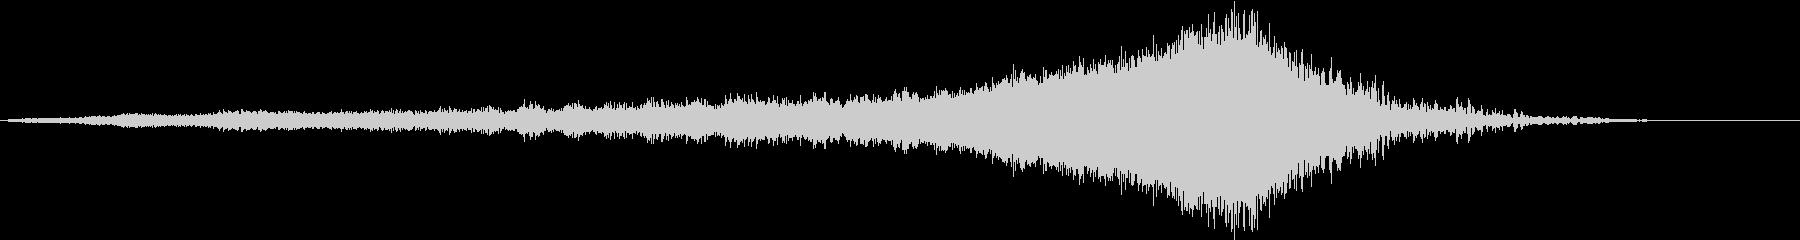 【ライザー】28 エピックサウンド 迫力の未再生の波形